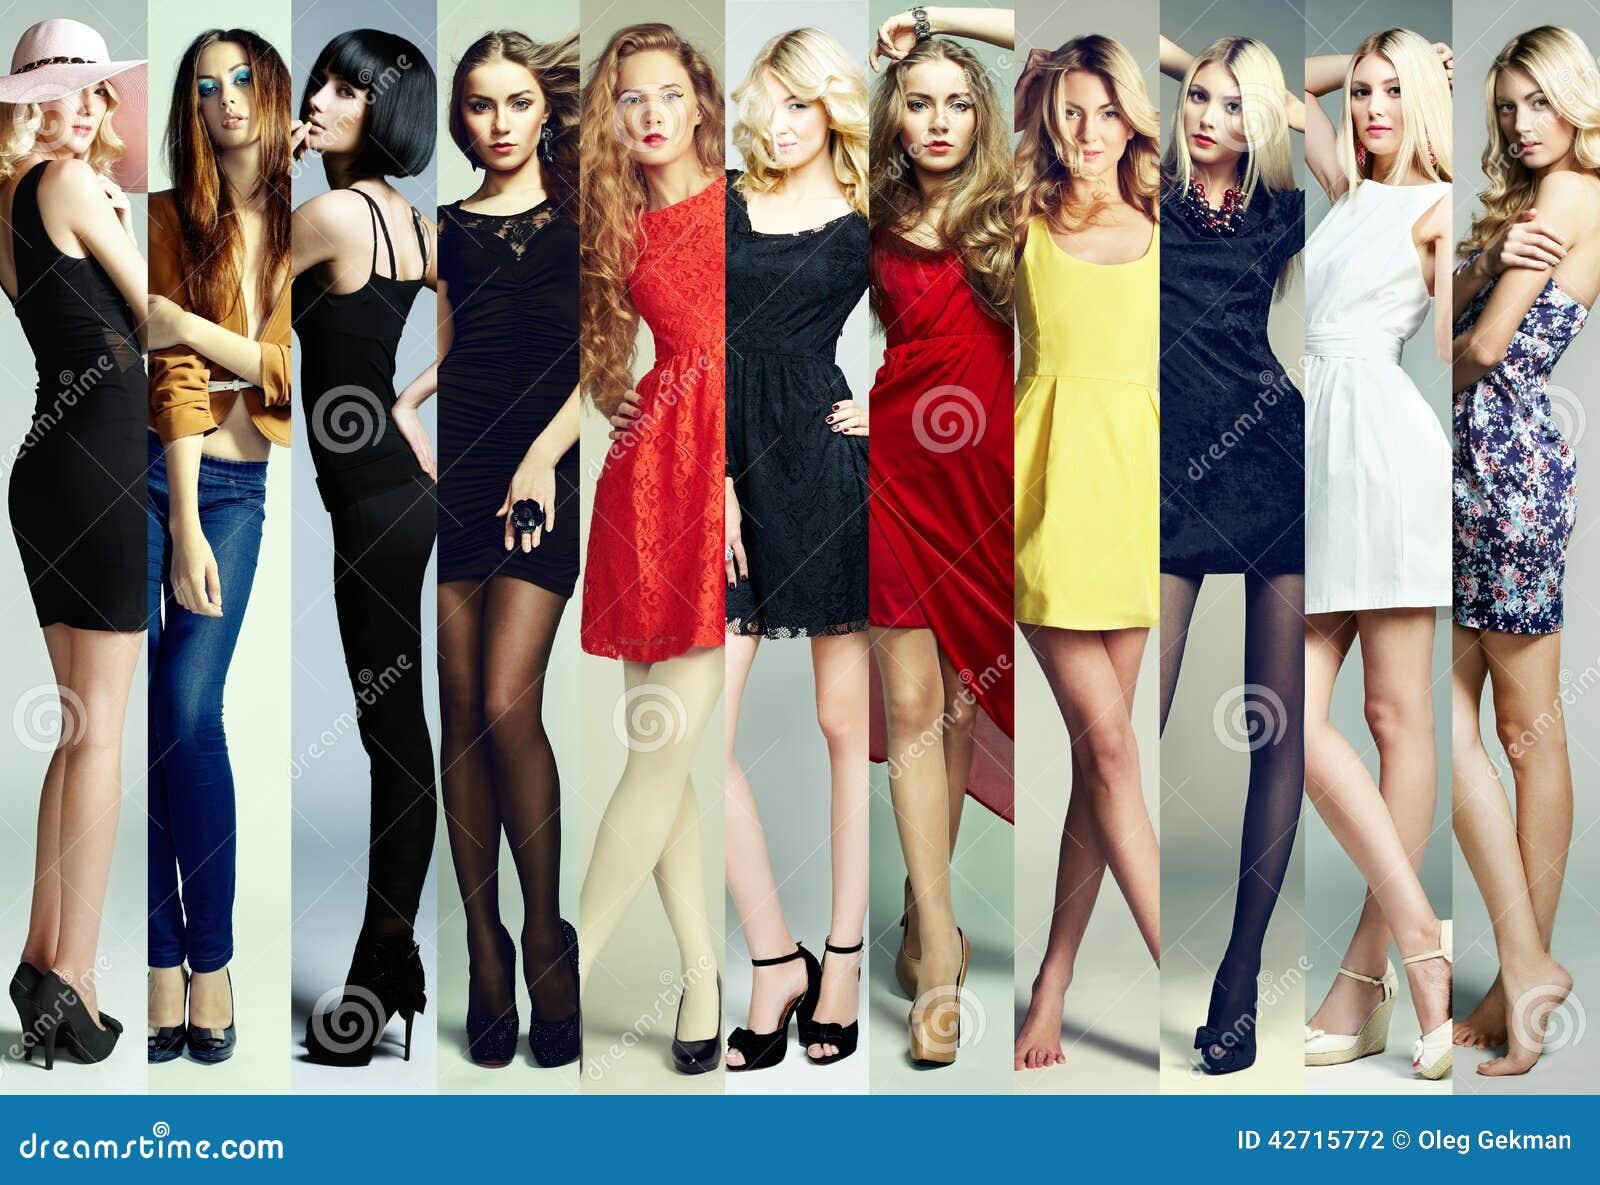 Modecollage Grupp av härliga unga kvinnor